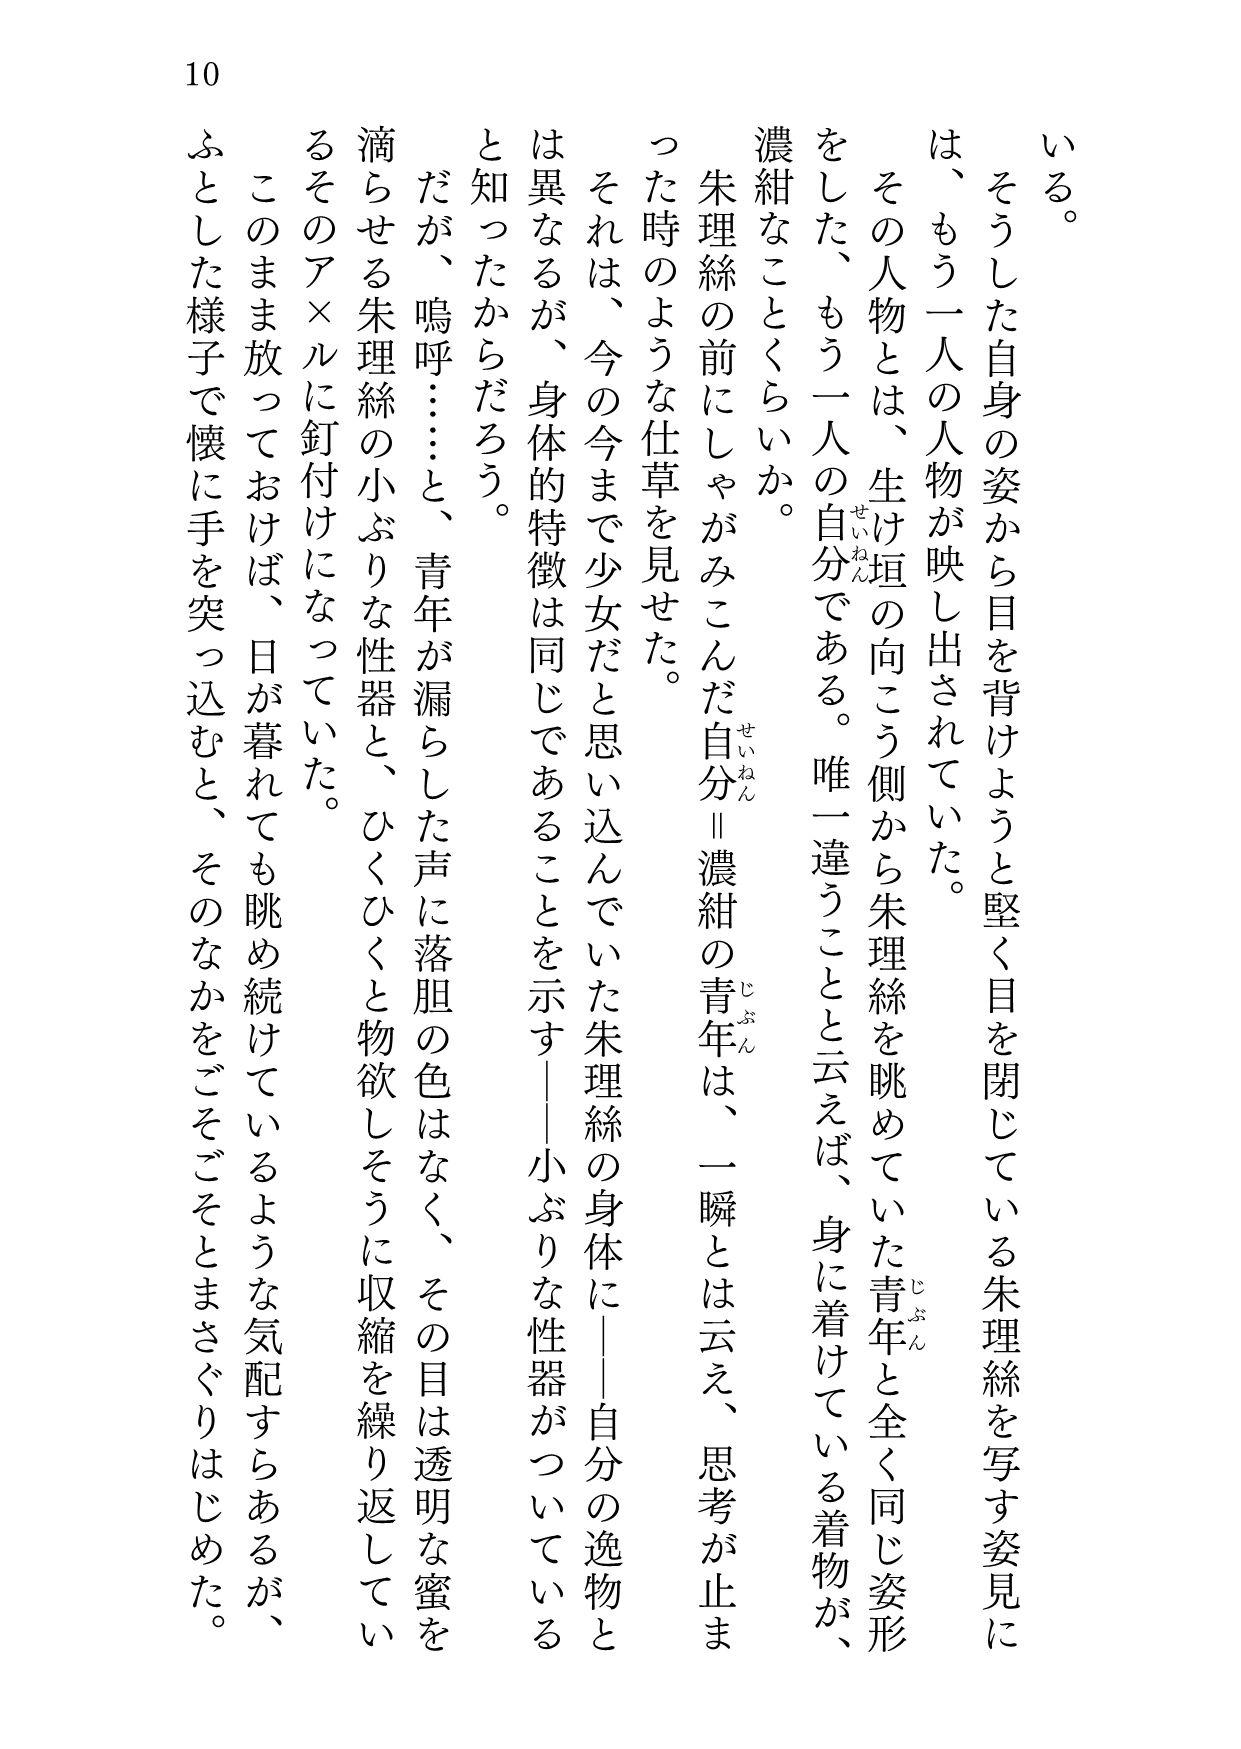 マナツニミルマヒルノユメのサンプル画像8